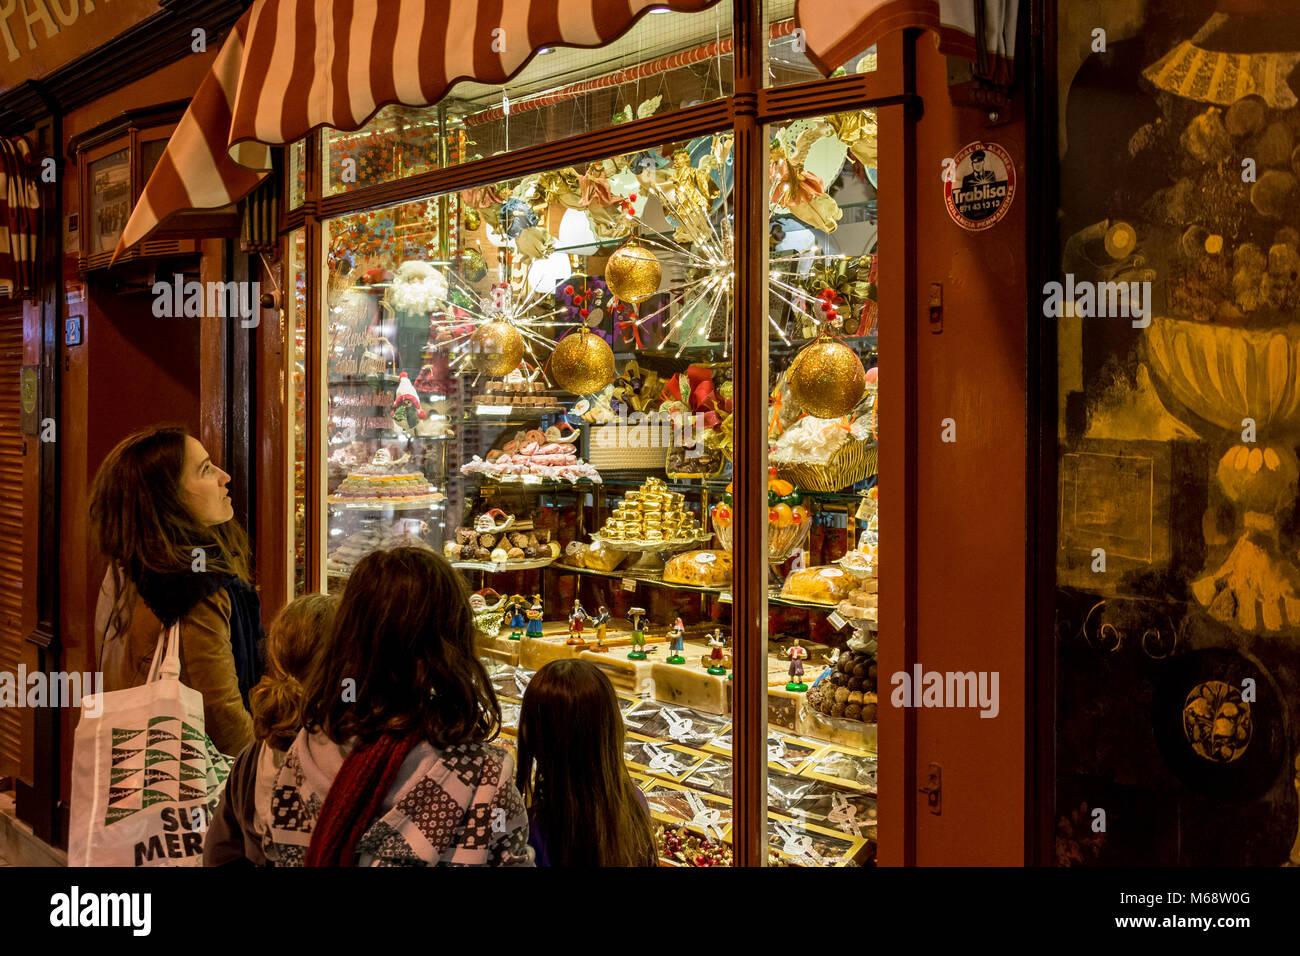 Auslage, Schaufenster eines Süßwarengeschäfts in Palma de Mallorca mit staunenden Passanten - Stock Image